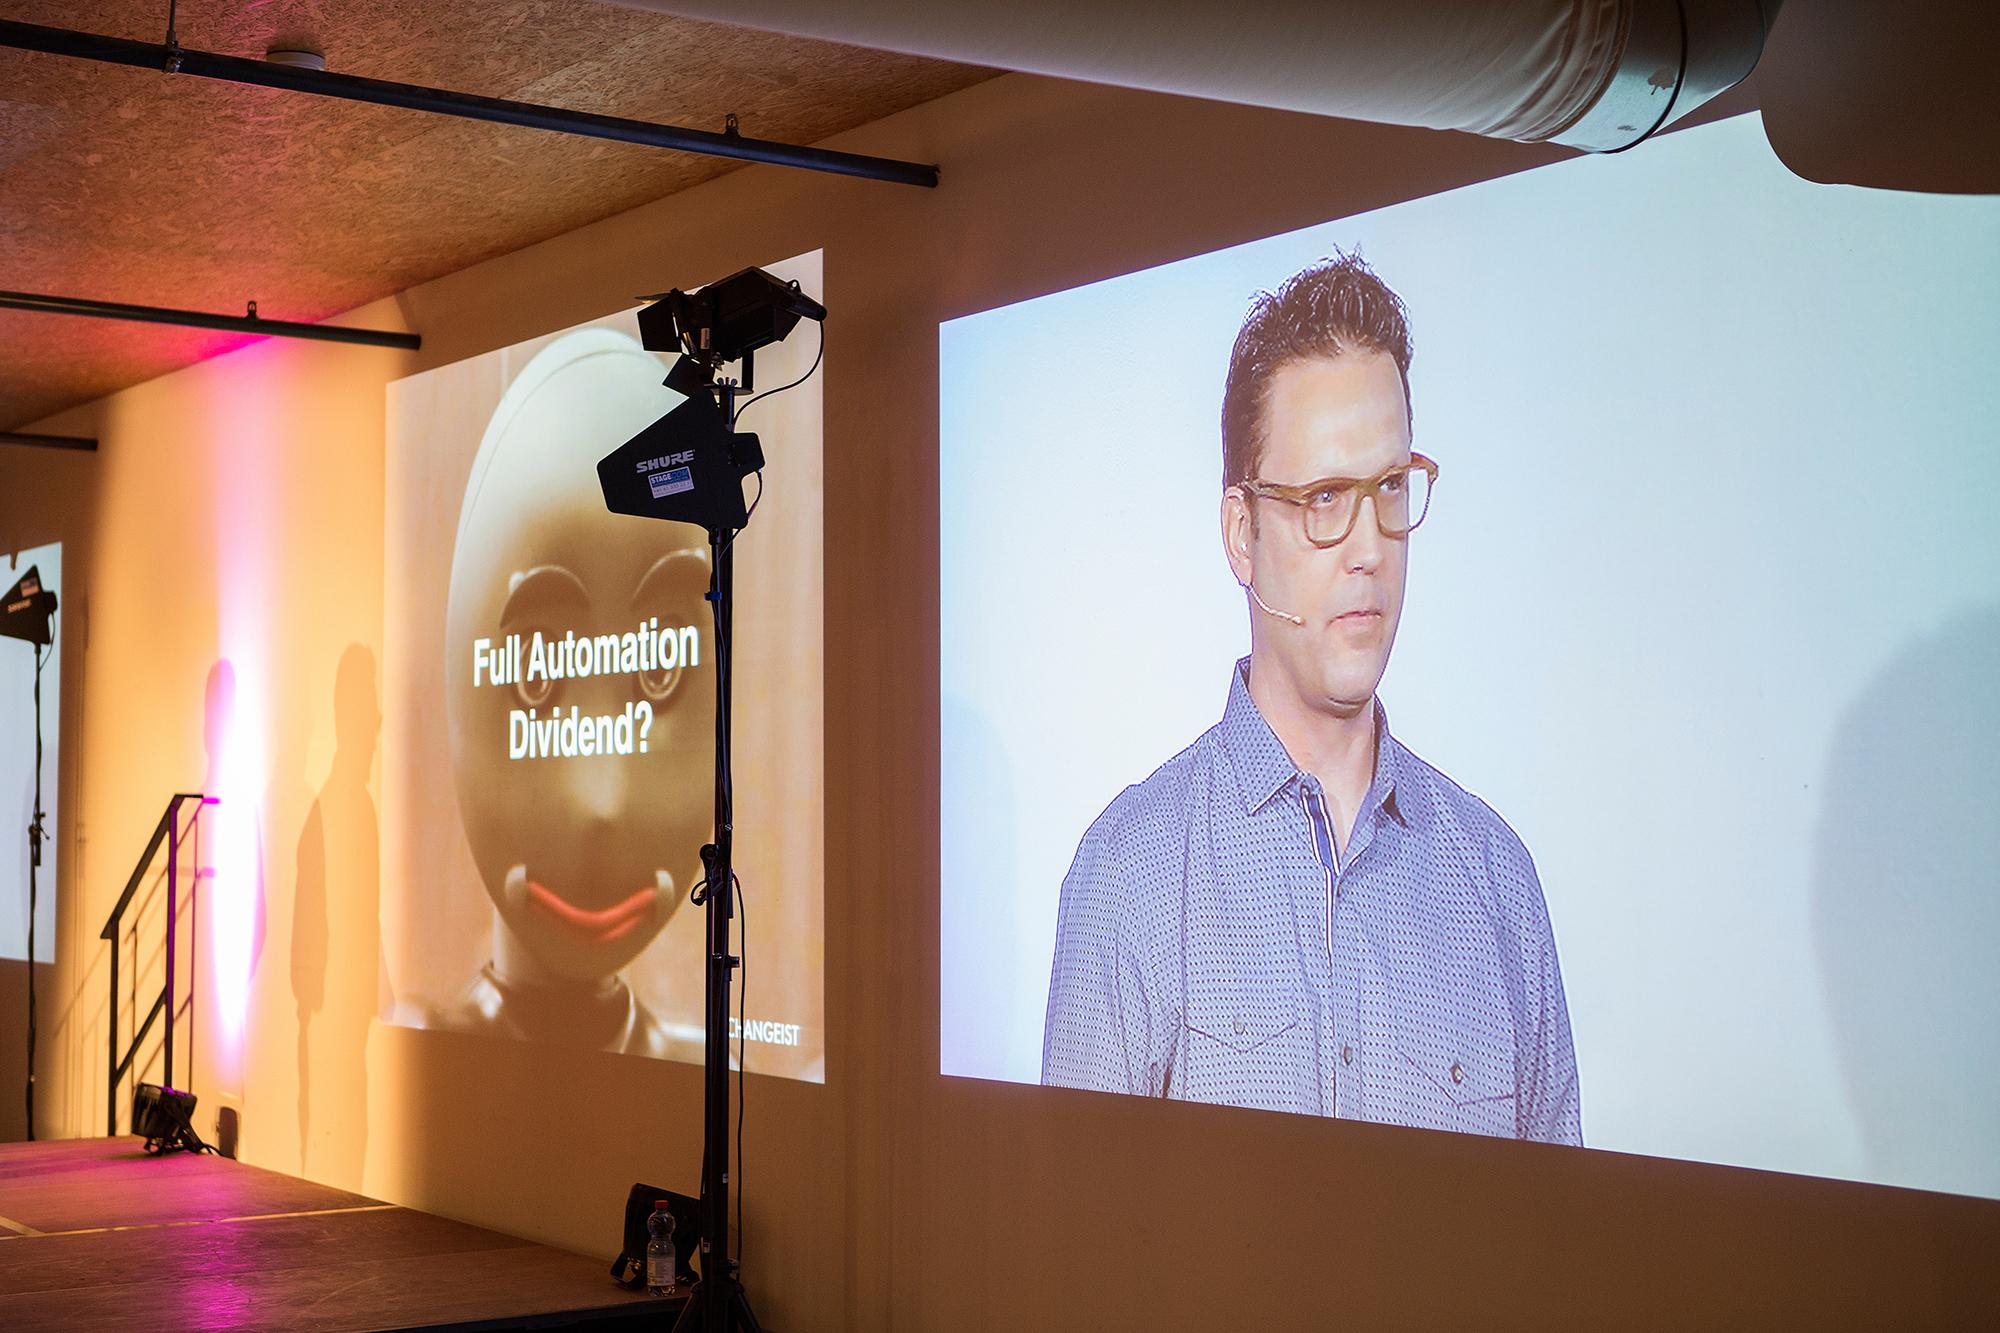 Wenn er nicht gerade über die Zukunft nachdenkt oder schreibt, ist Scott Smith ein gefragter Sprecher an Konferenzen auf der ganzen Welt.